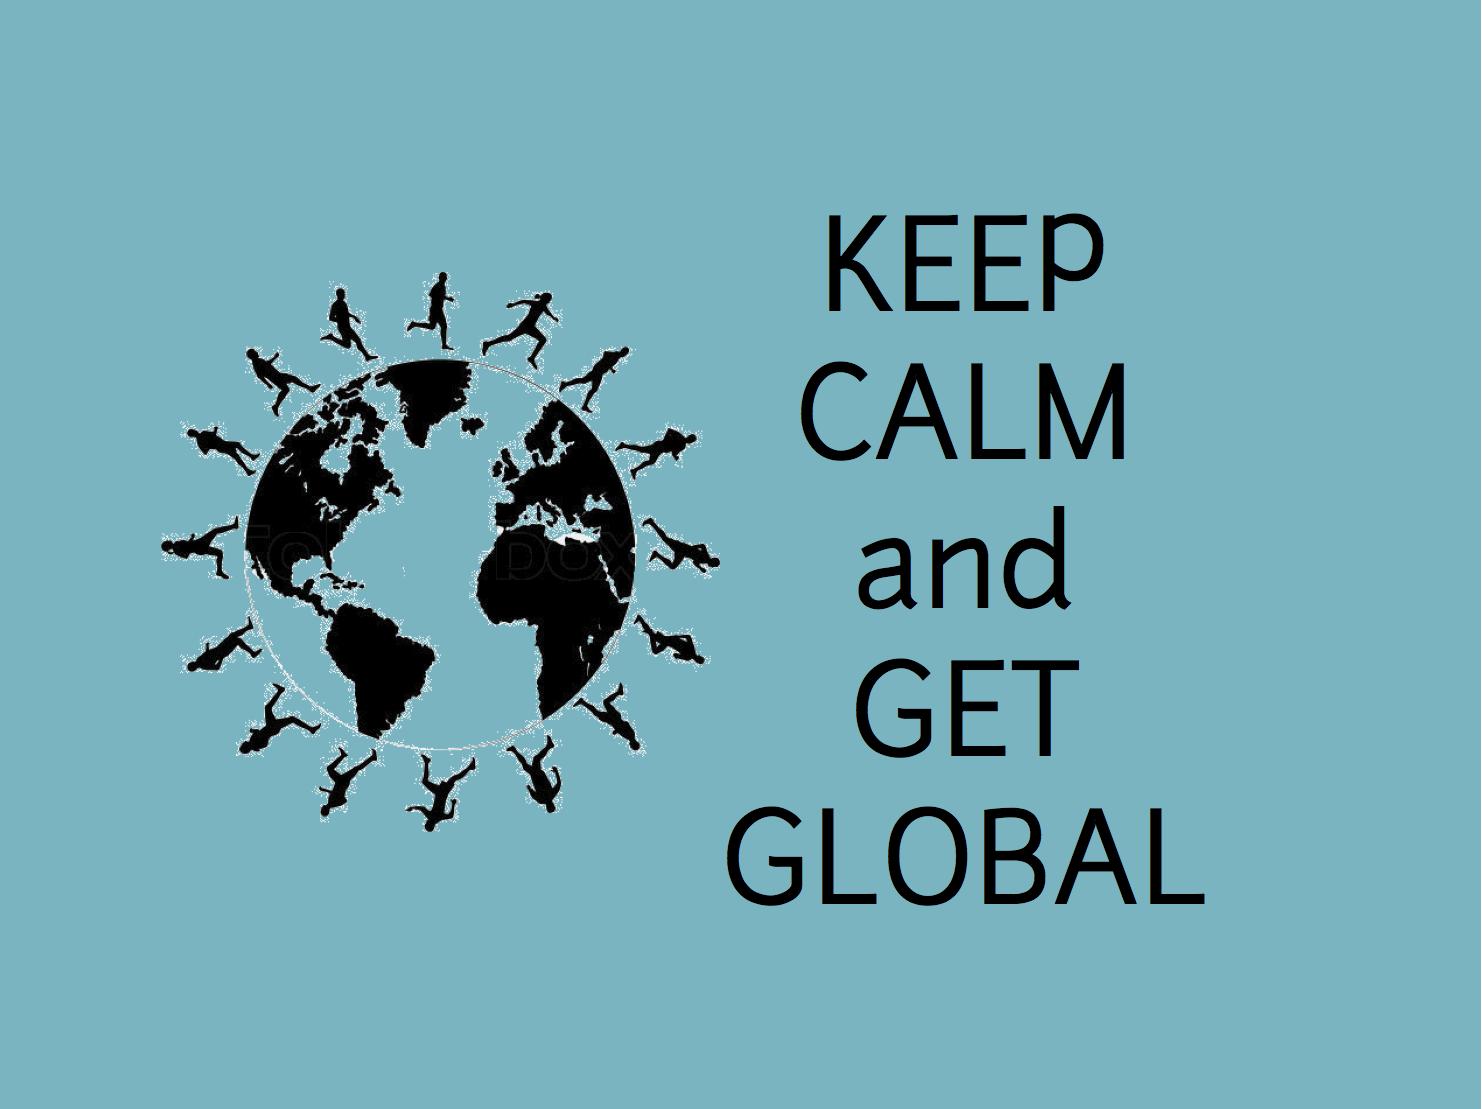 Keep Calm - Global Health.png